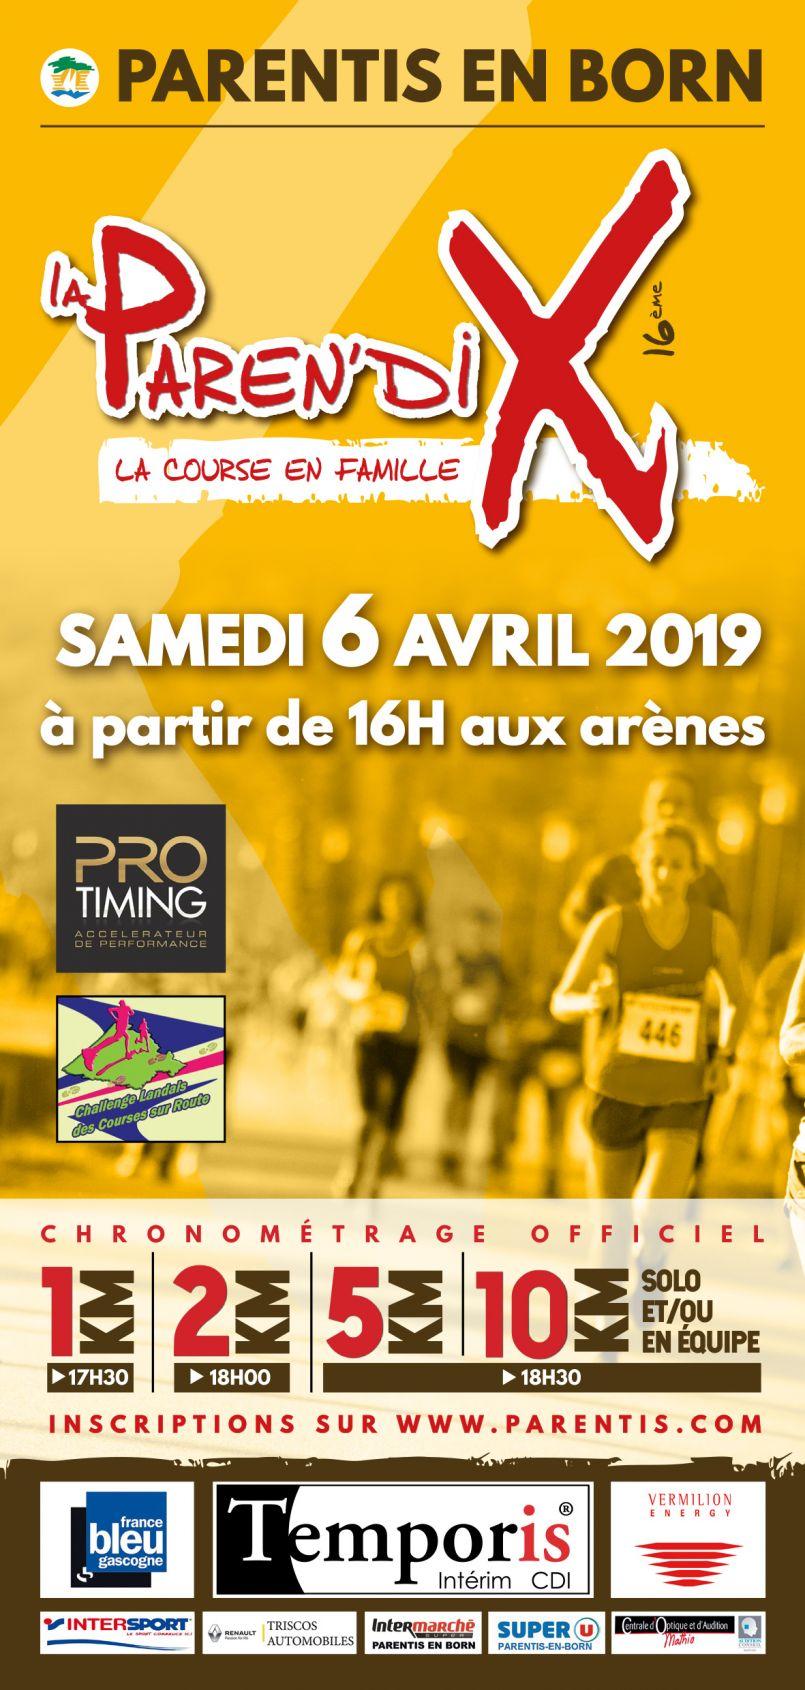 Les résultats sportifs landais de votre week-end des 30 et 31 mars 2019, c'est ici...